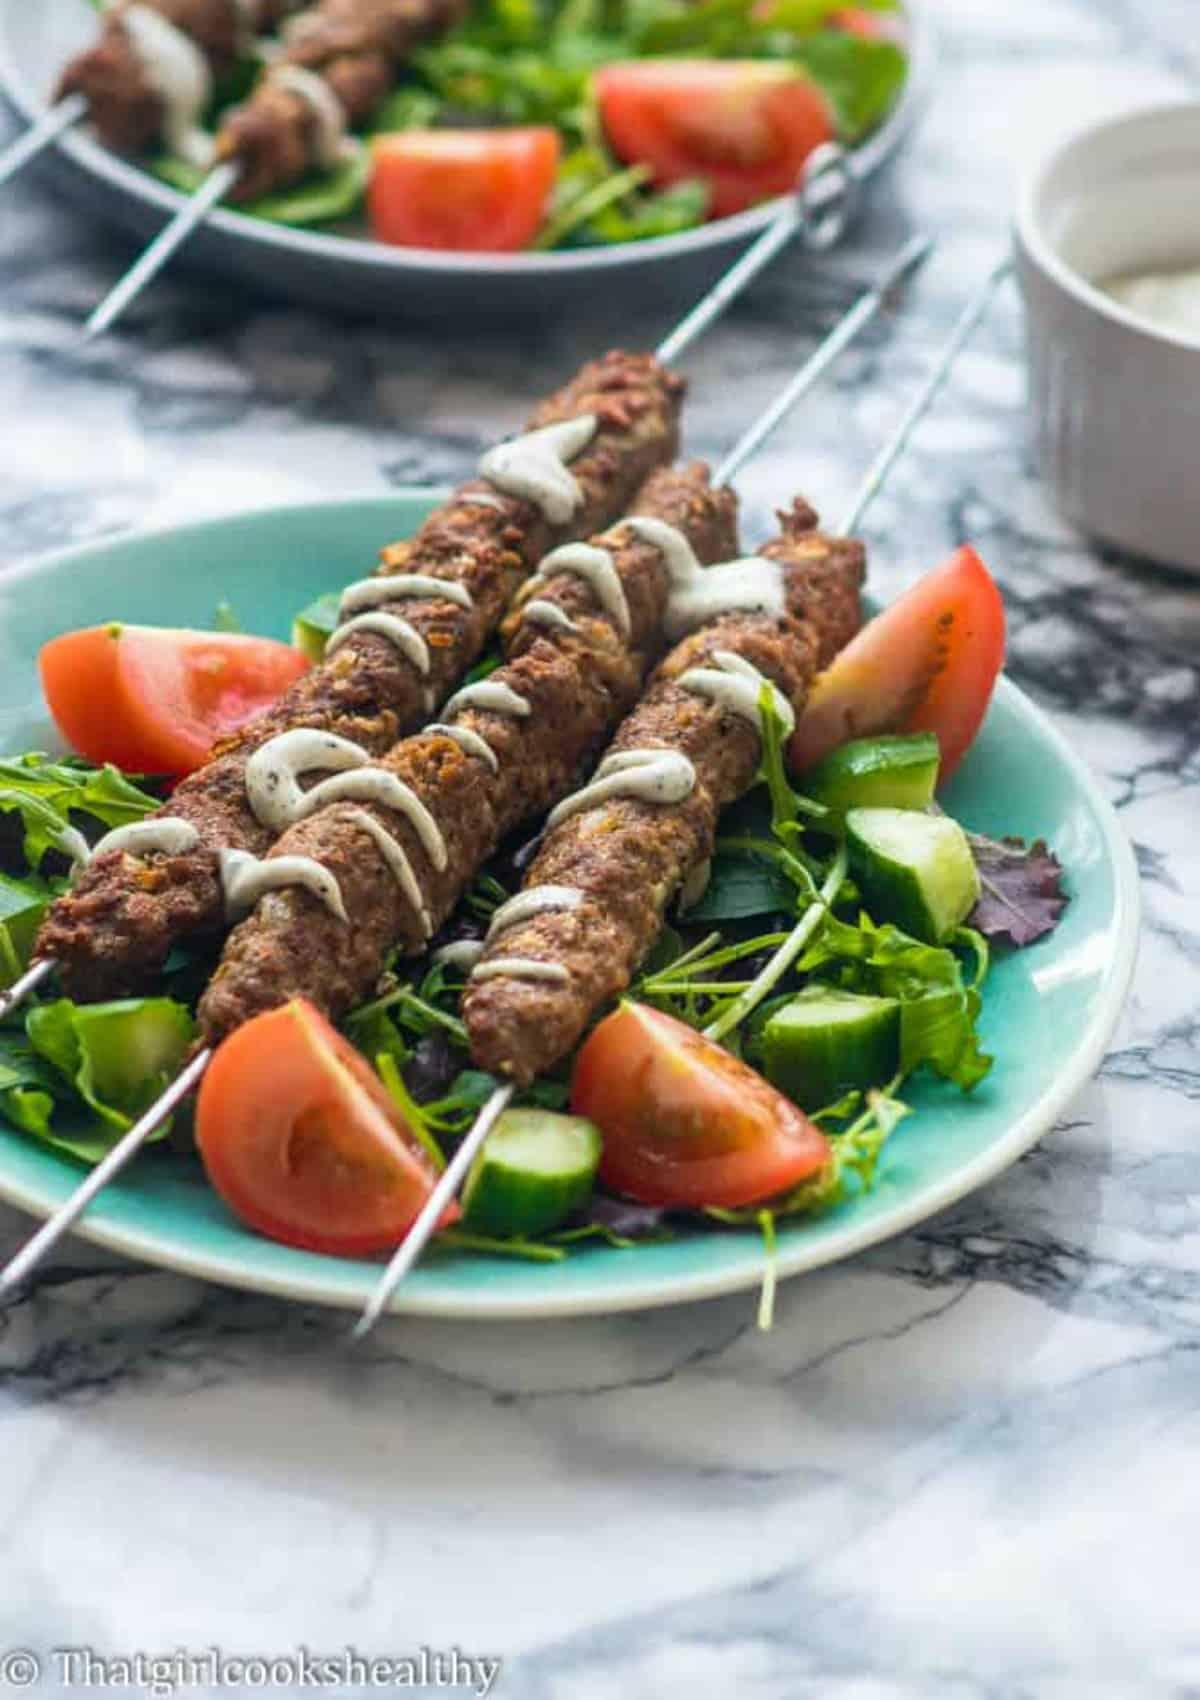 kofta skewers with vegetables